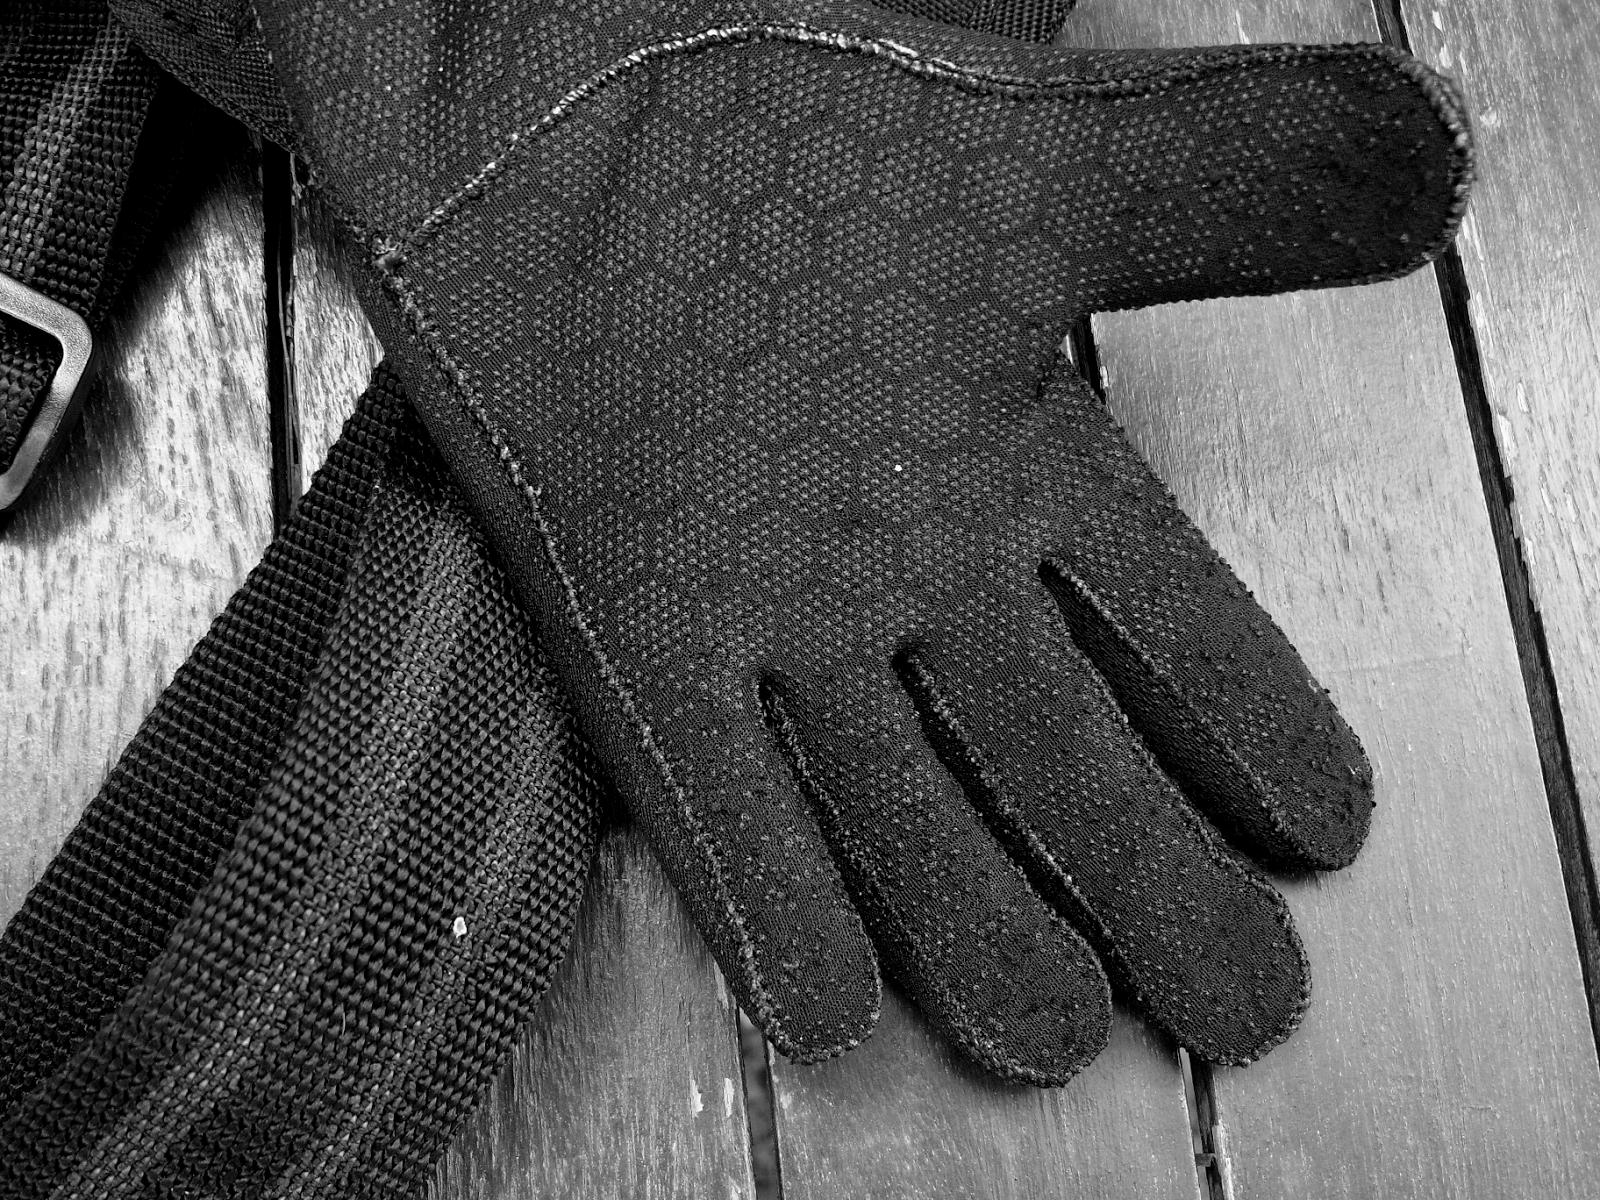 guanti neoprene gravity zero